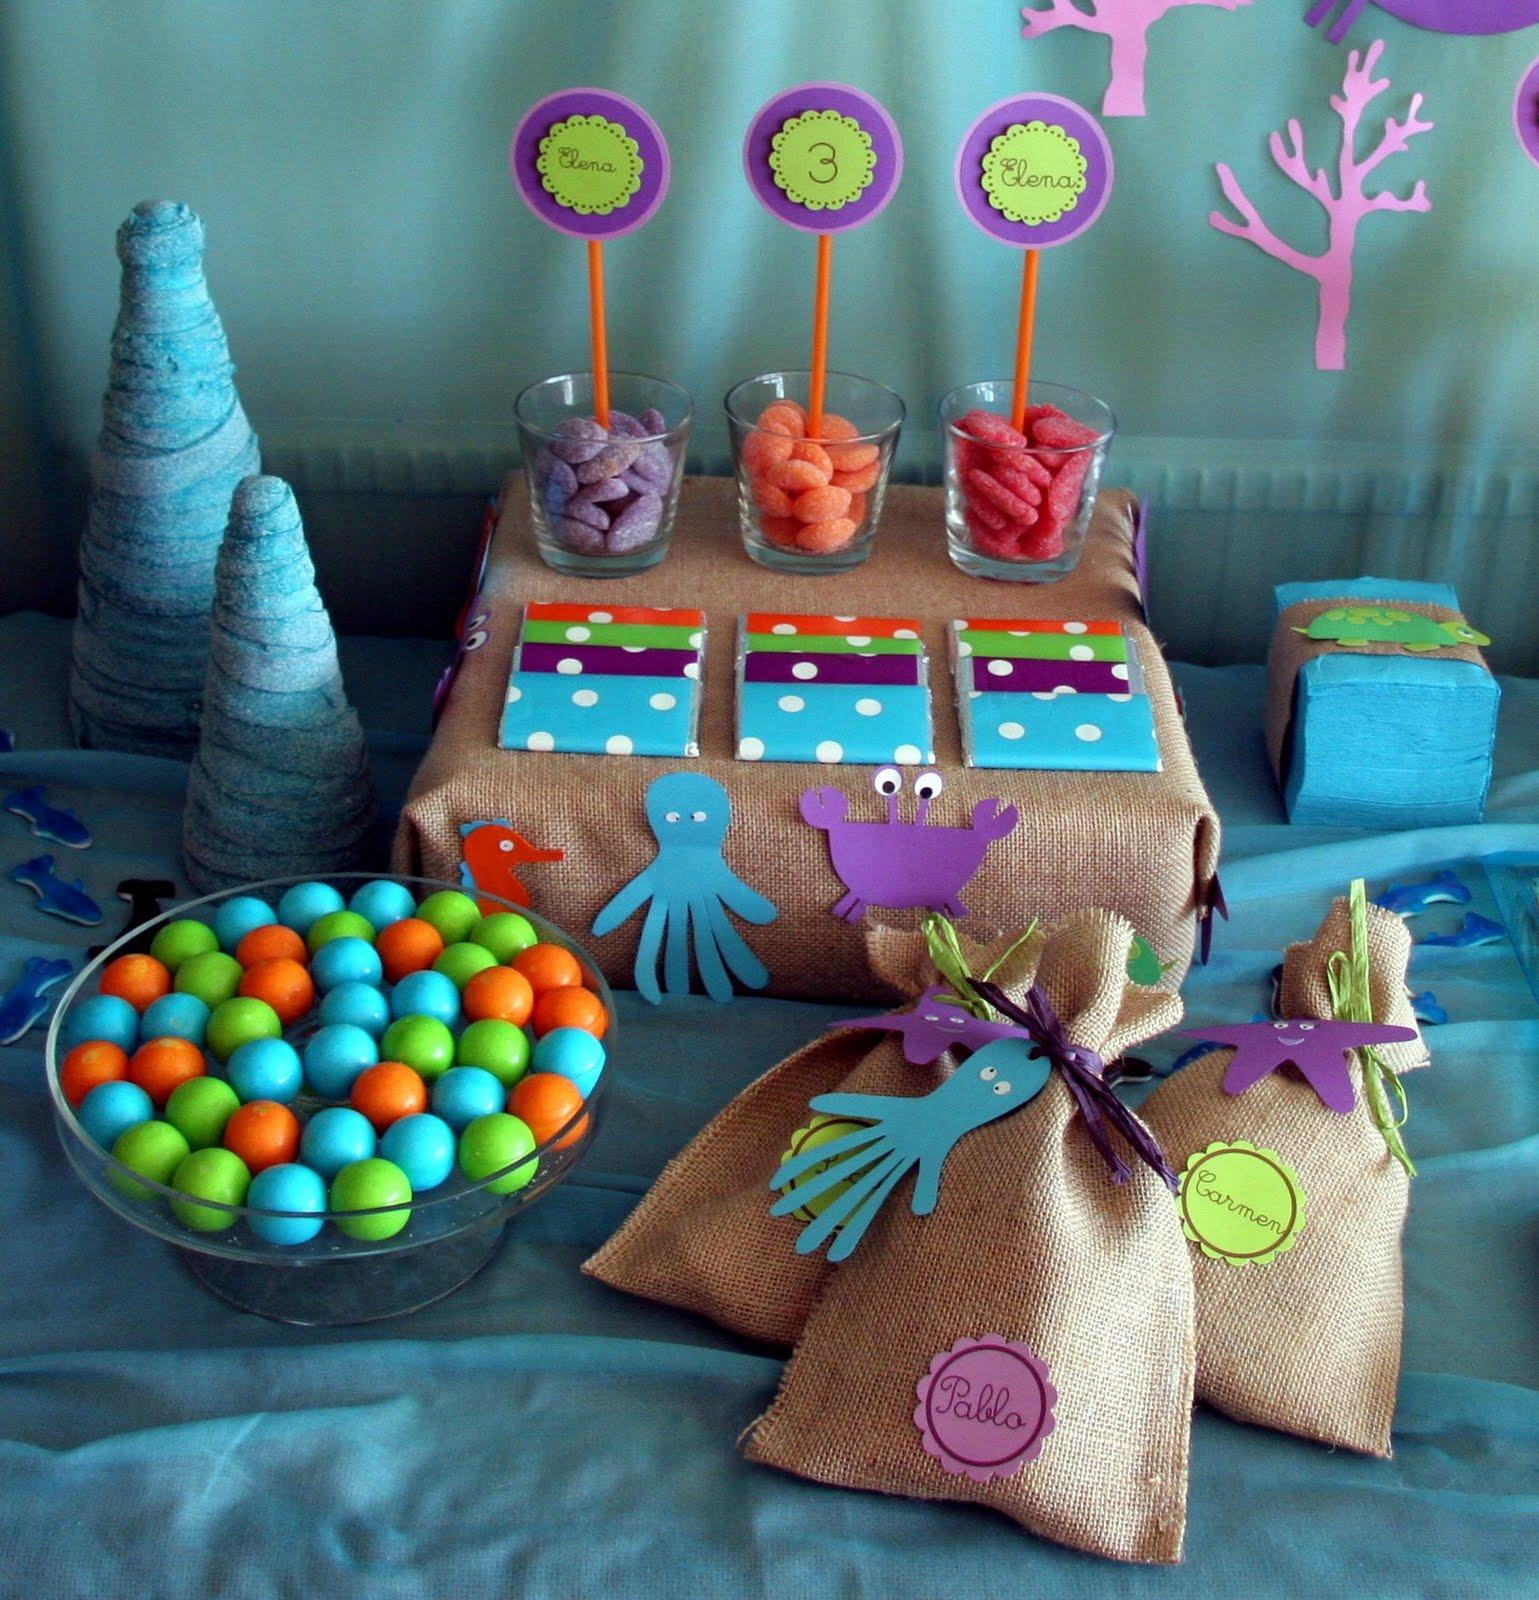 la decoracion infantil: